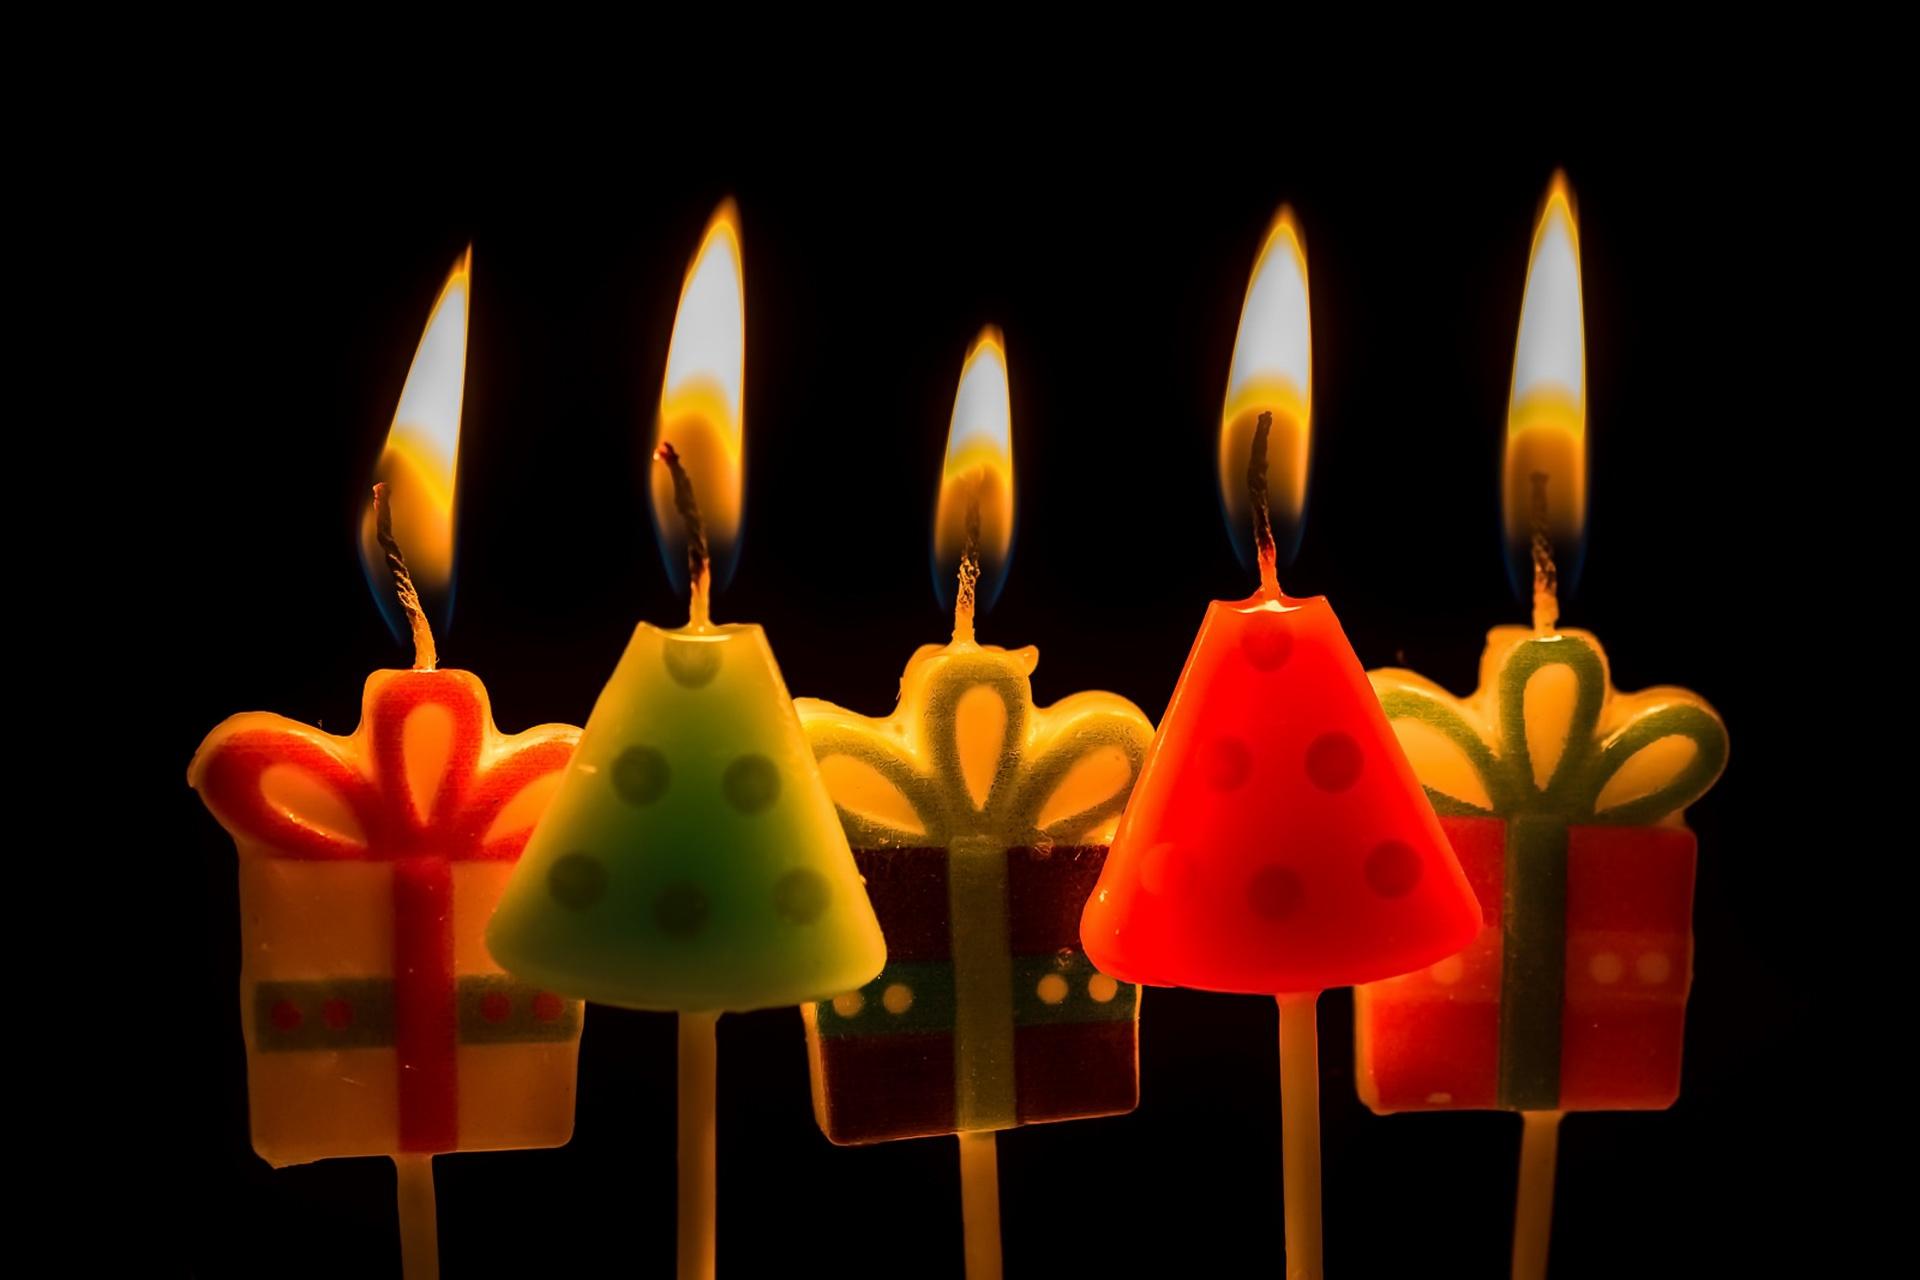 Открытка на день рождения со свечами